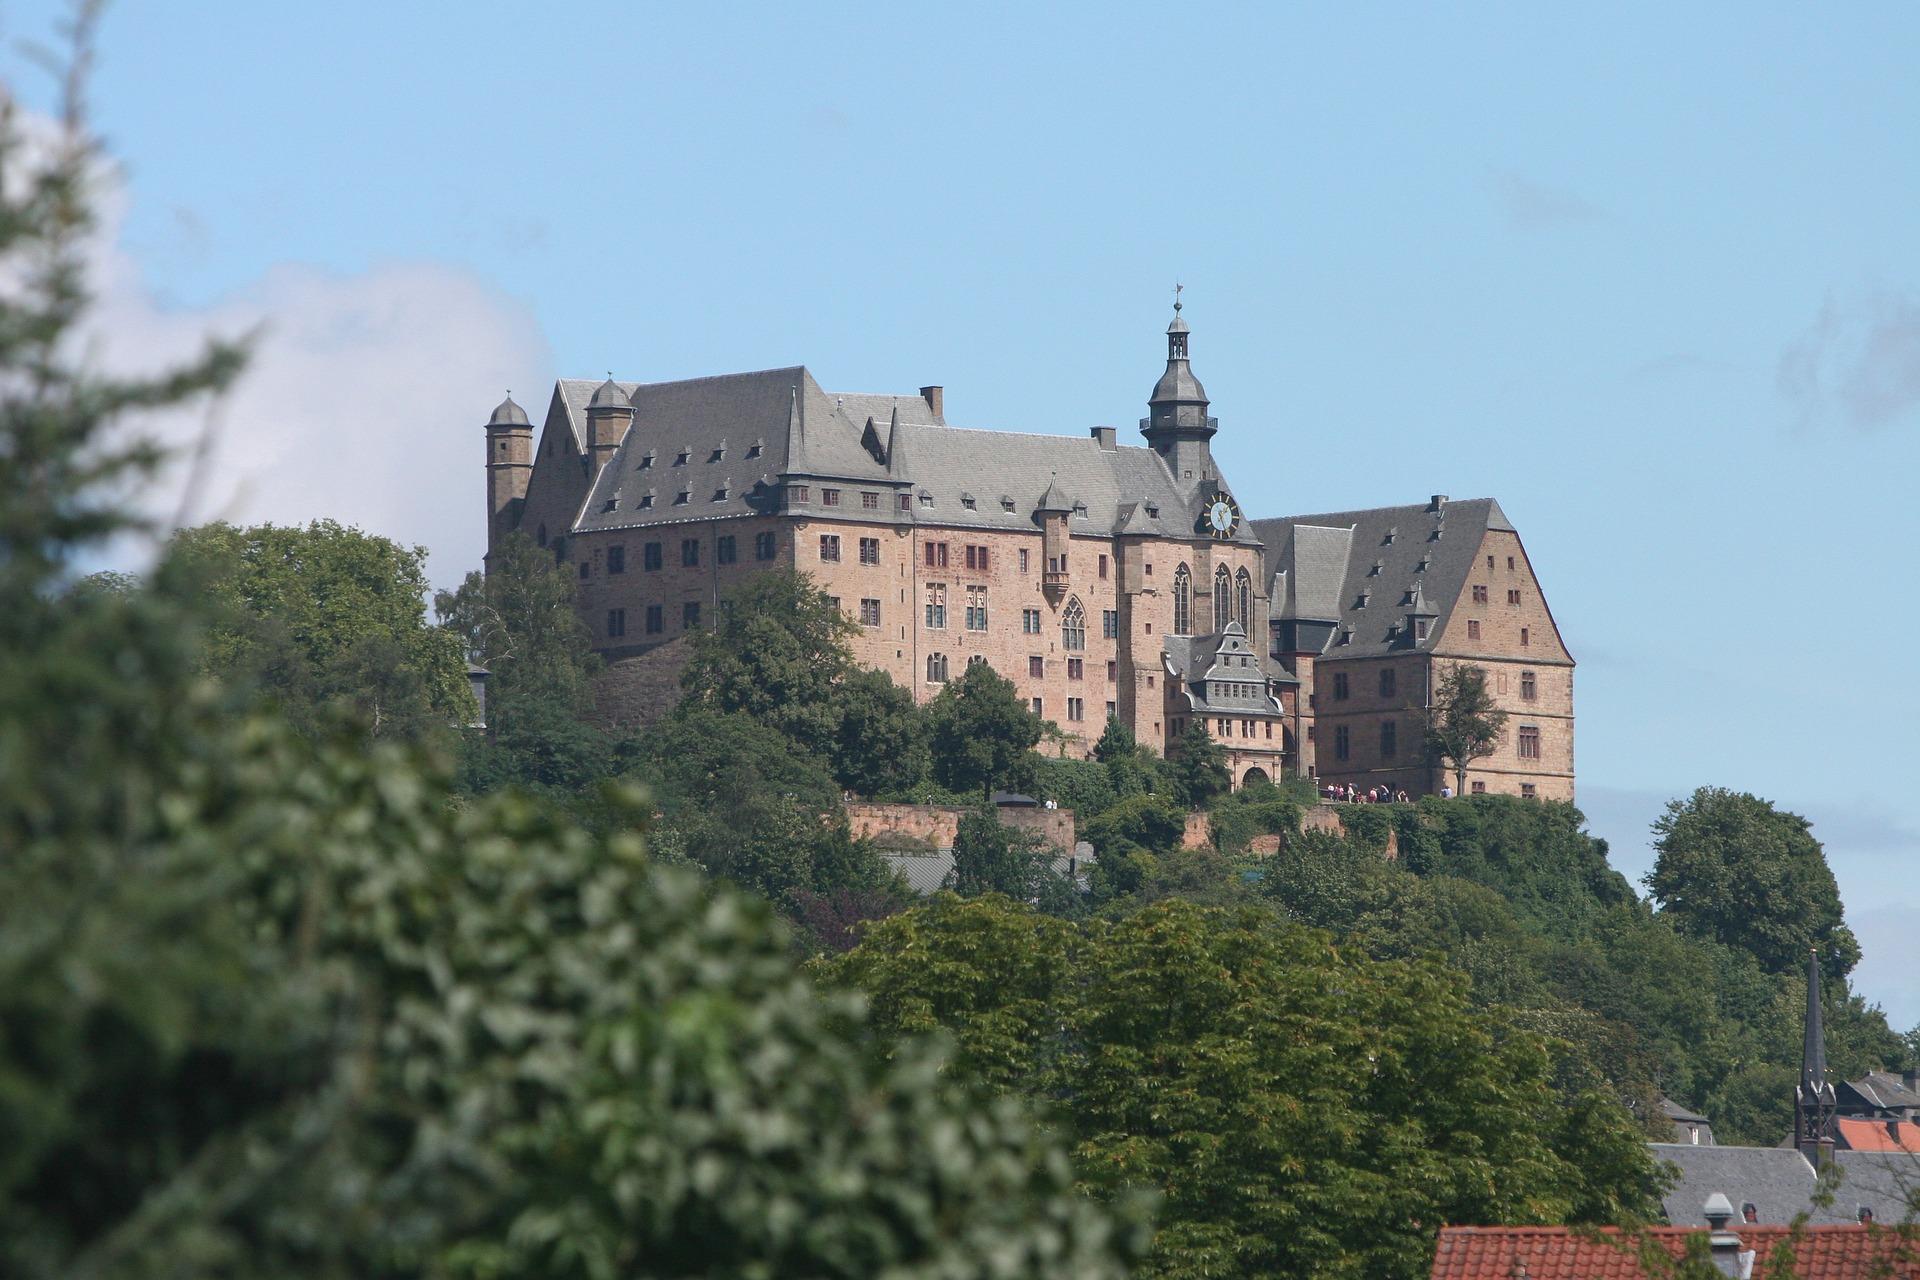 Umzugsunternehmen München Marburg Photo